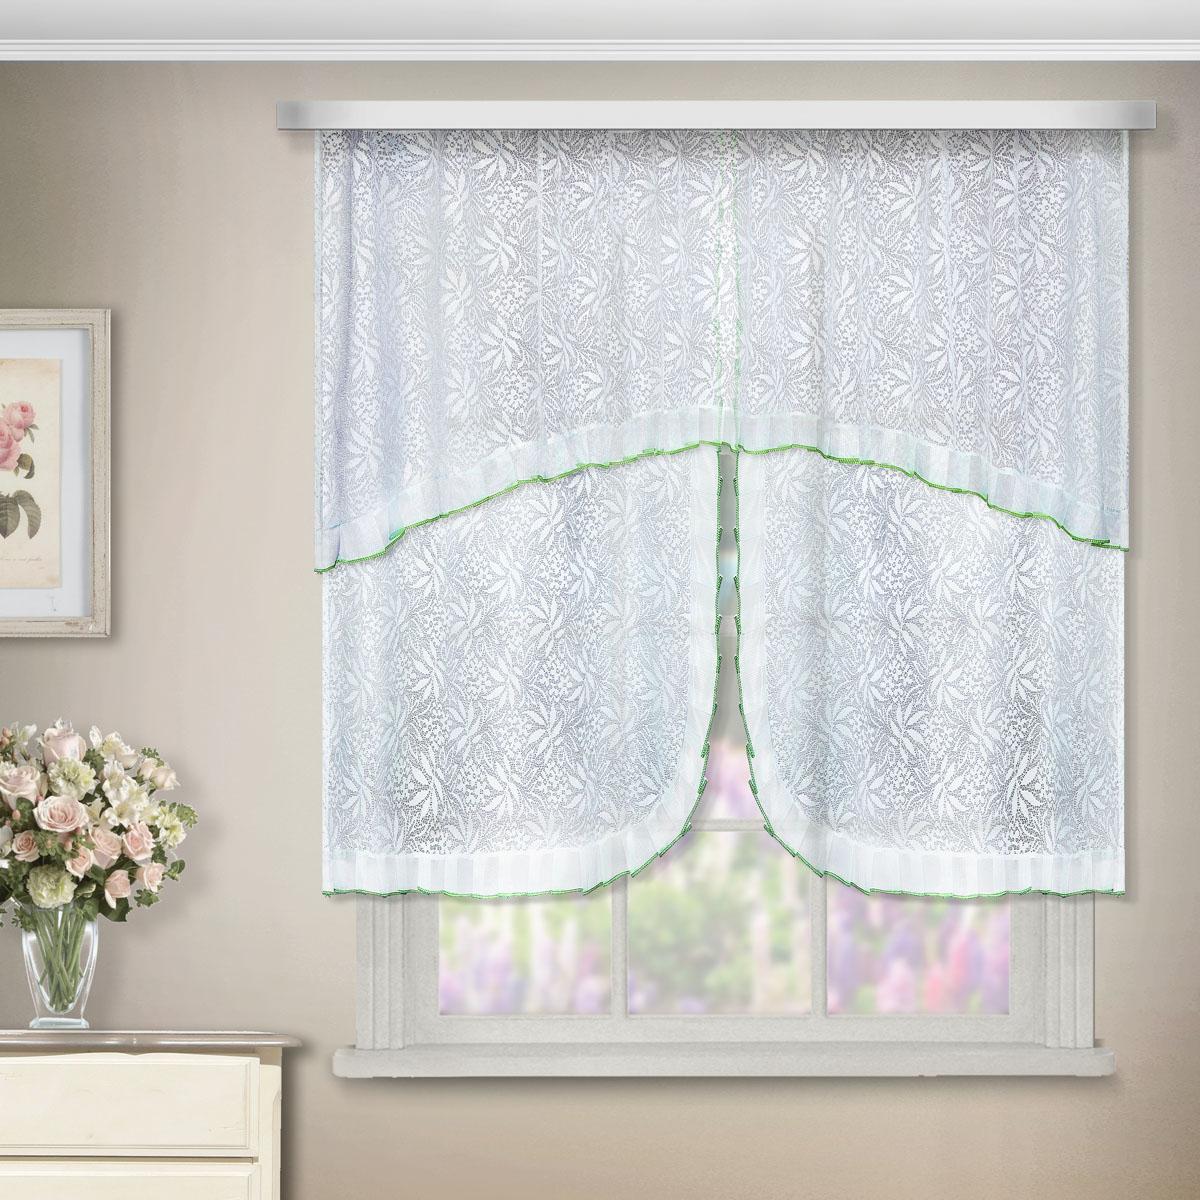 Комплект штор Zlata Korunka, на ленте, цвет: белый, высота 95 см. 8888088880Комплект штор Zlata Korunka, выполненный из полиэстера, великолепно украсит любое окно. Комплект состоит из ламбрекена, двух штор и двух подхватов. Цветочный узор и воздушная текстура привлекут к себе внимание и органично впишутся в интерьер помещения. Этот комплект будет долгое время радовать вас и вашу семью! Комплект крепится на карниз при помощи ленты, которая поможет красиво и равномерно задрапировать верх. В комплект входит: Ламбрекен: 1 шт. Размер (Ш х В): 200 см х 65 см. Штора: 2 шт. Размер (Ш х В): 75 см х 95 см. Подхват: 2 шт.